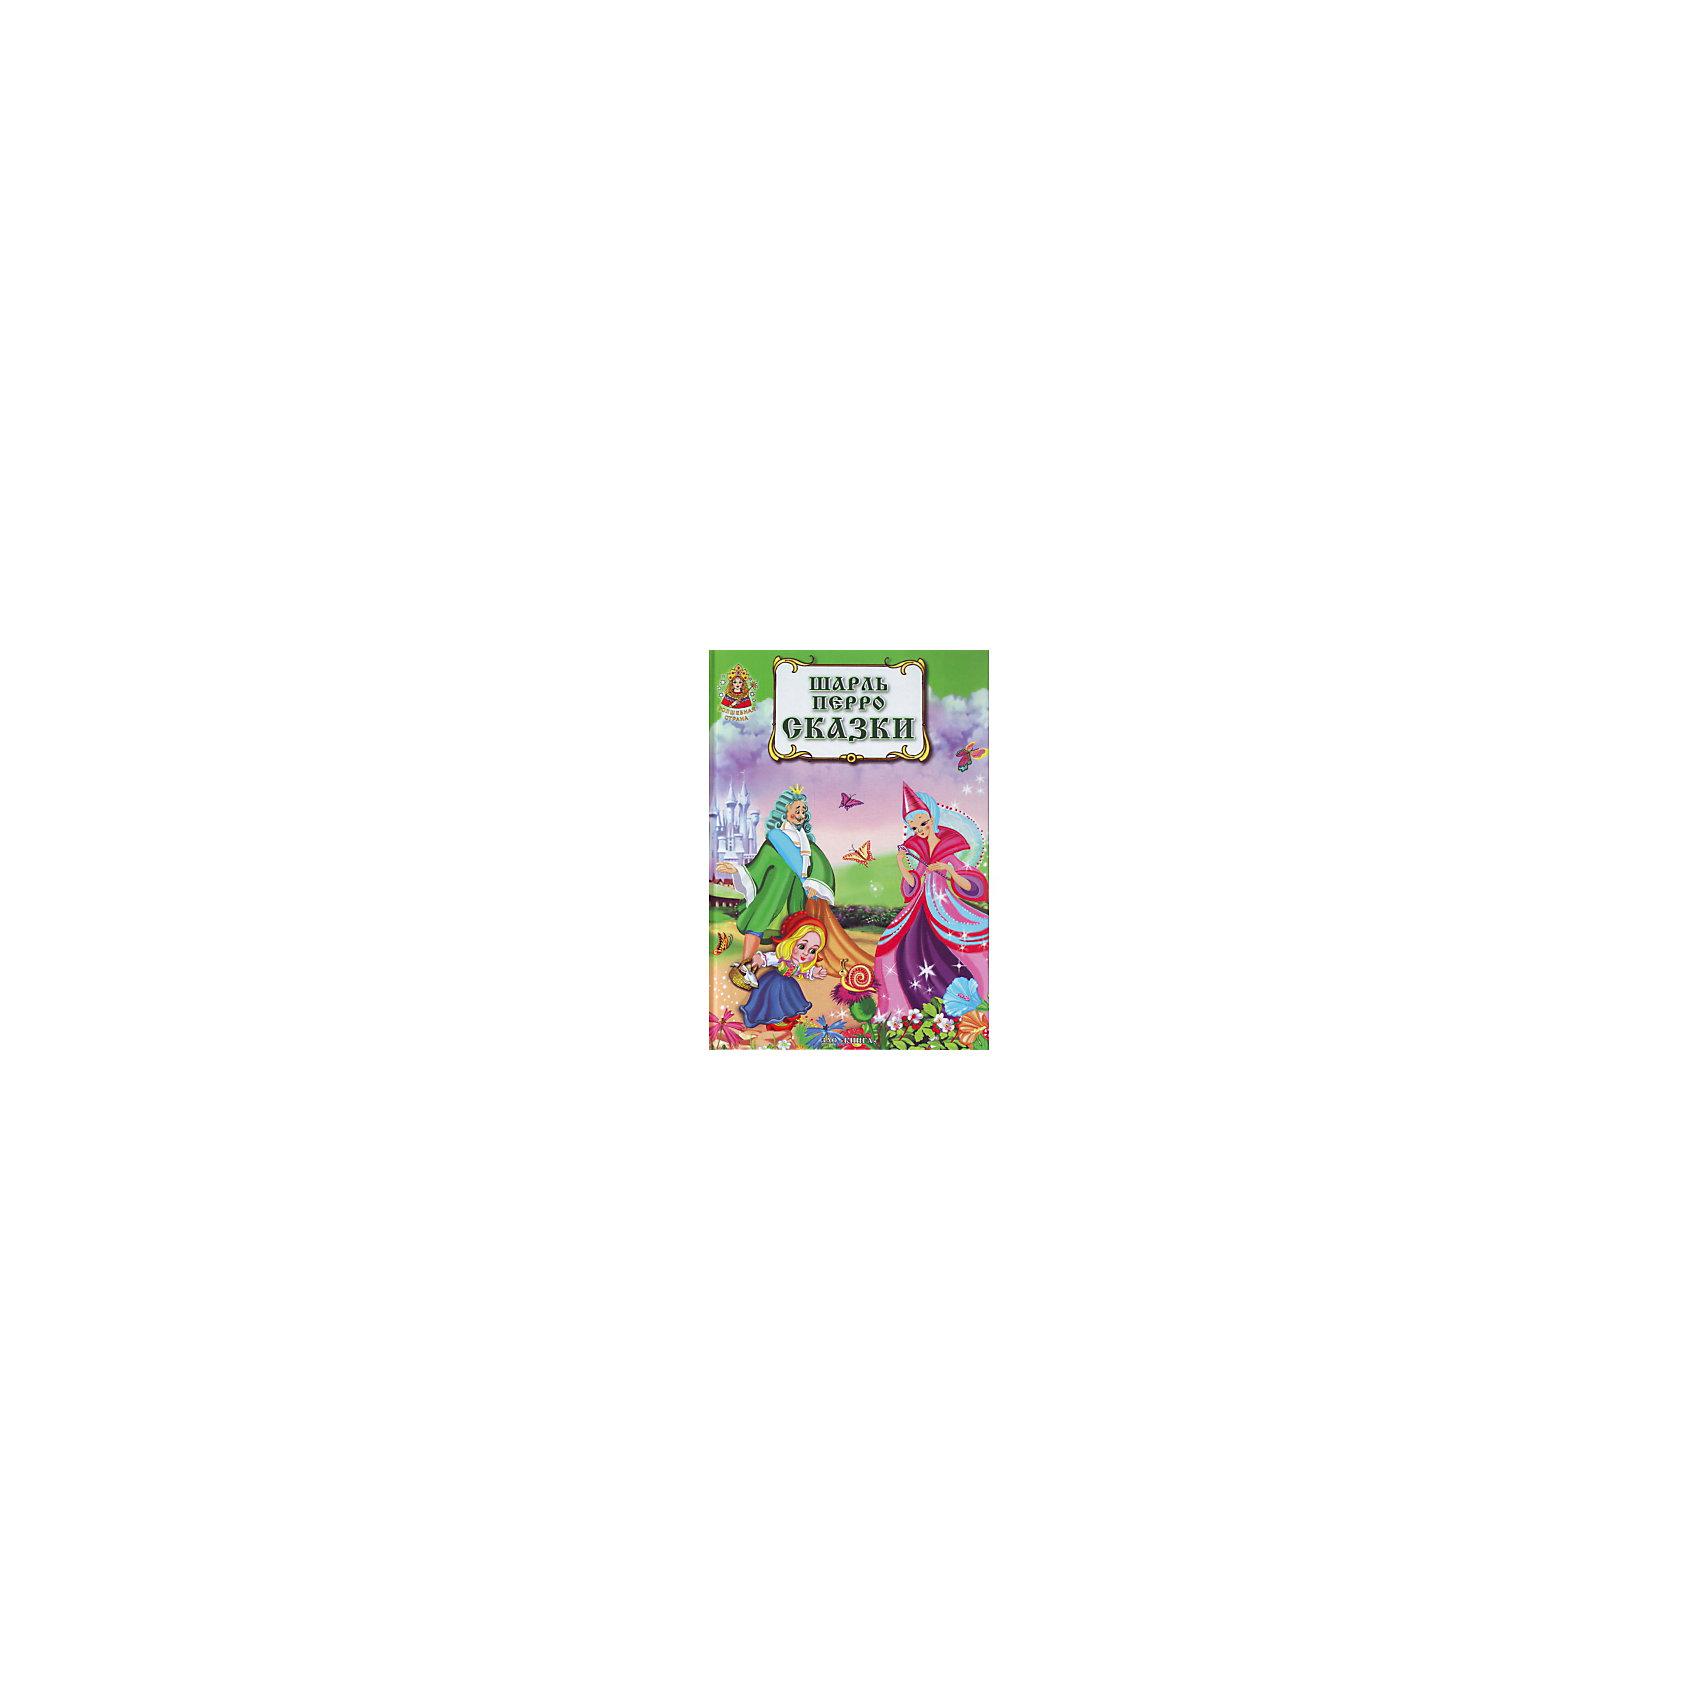 Сказки Ш.Перро: серия сказок Волшебная странаЗарубежные сказки<br>Красочно иллюстрированный сборник сказок Шарля Перро.<br>Для дошкольного и младшего школьного возраста.<br>Содержание:<br>Красная Шапочка <br>Волшебница<br>Спящая красавица<br>Кот в сапогах<br>Золушка<br>Мальчик-с-пальчик<br><br>Ширина мм: 245<br>Глубина мм: 170<br>Высота мм: 100<br>Вес г: 500<br>Возраст от месяцев: 36<br>Возраст до месяцев: 2147483647<br>Пол: Унисекс<br>Возраст: Детский<br>SKU: 5521181